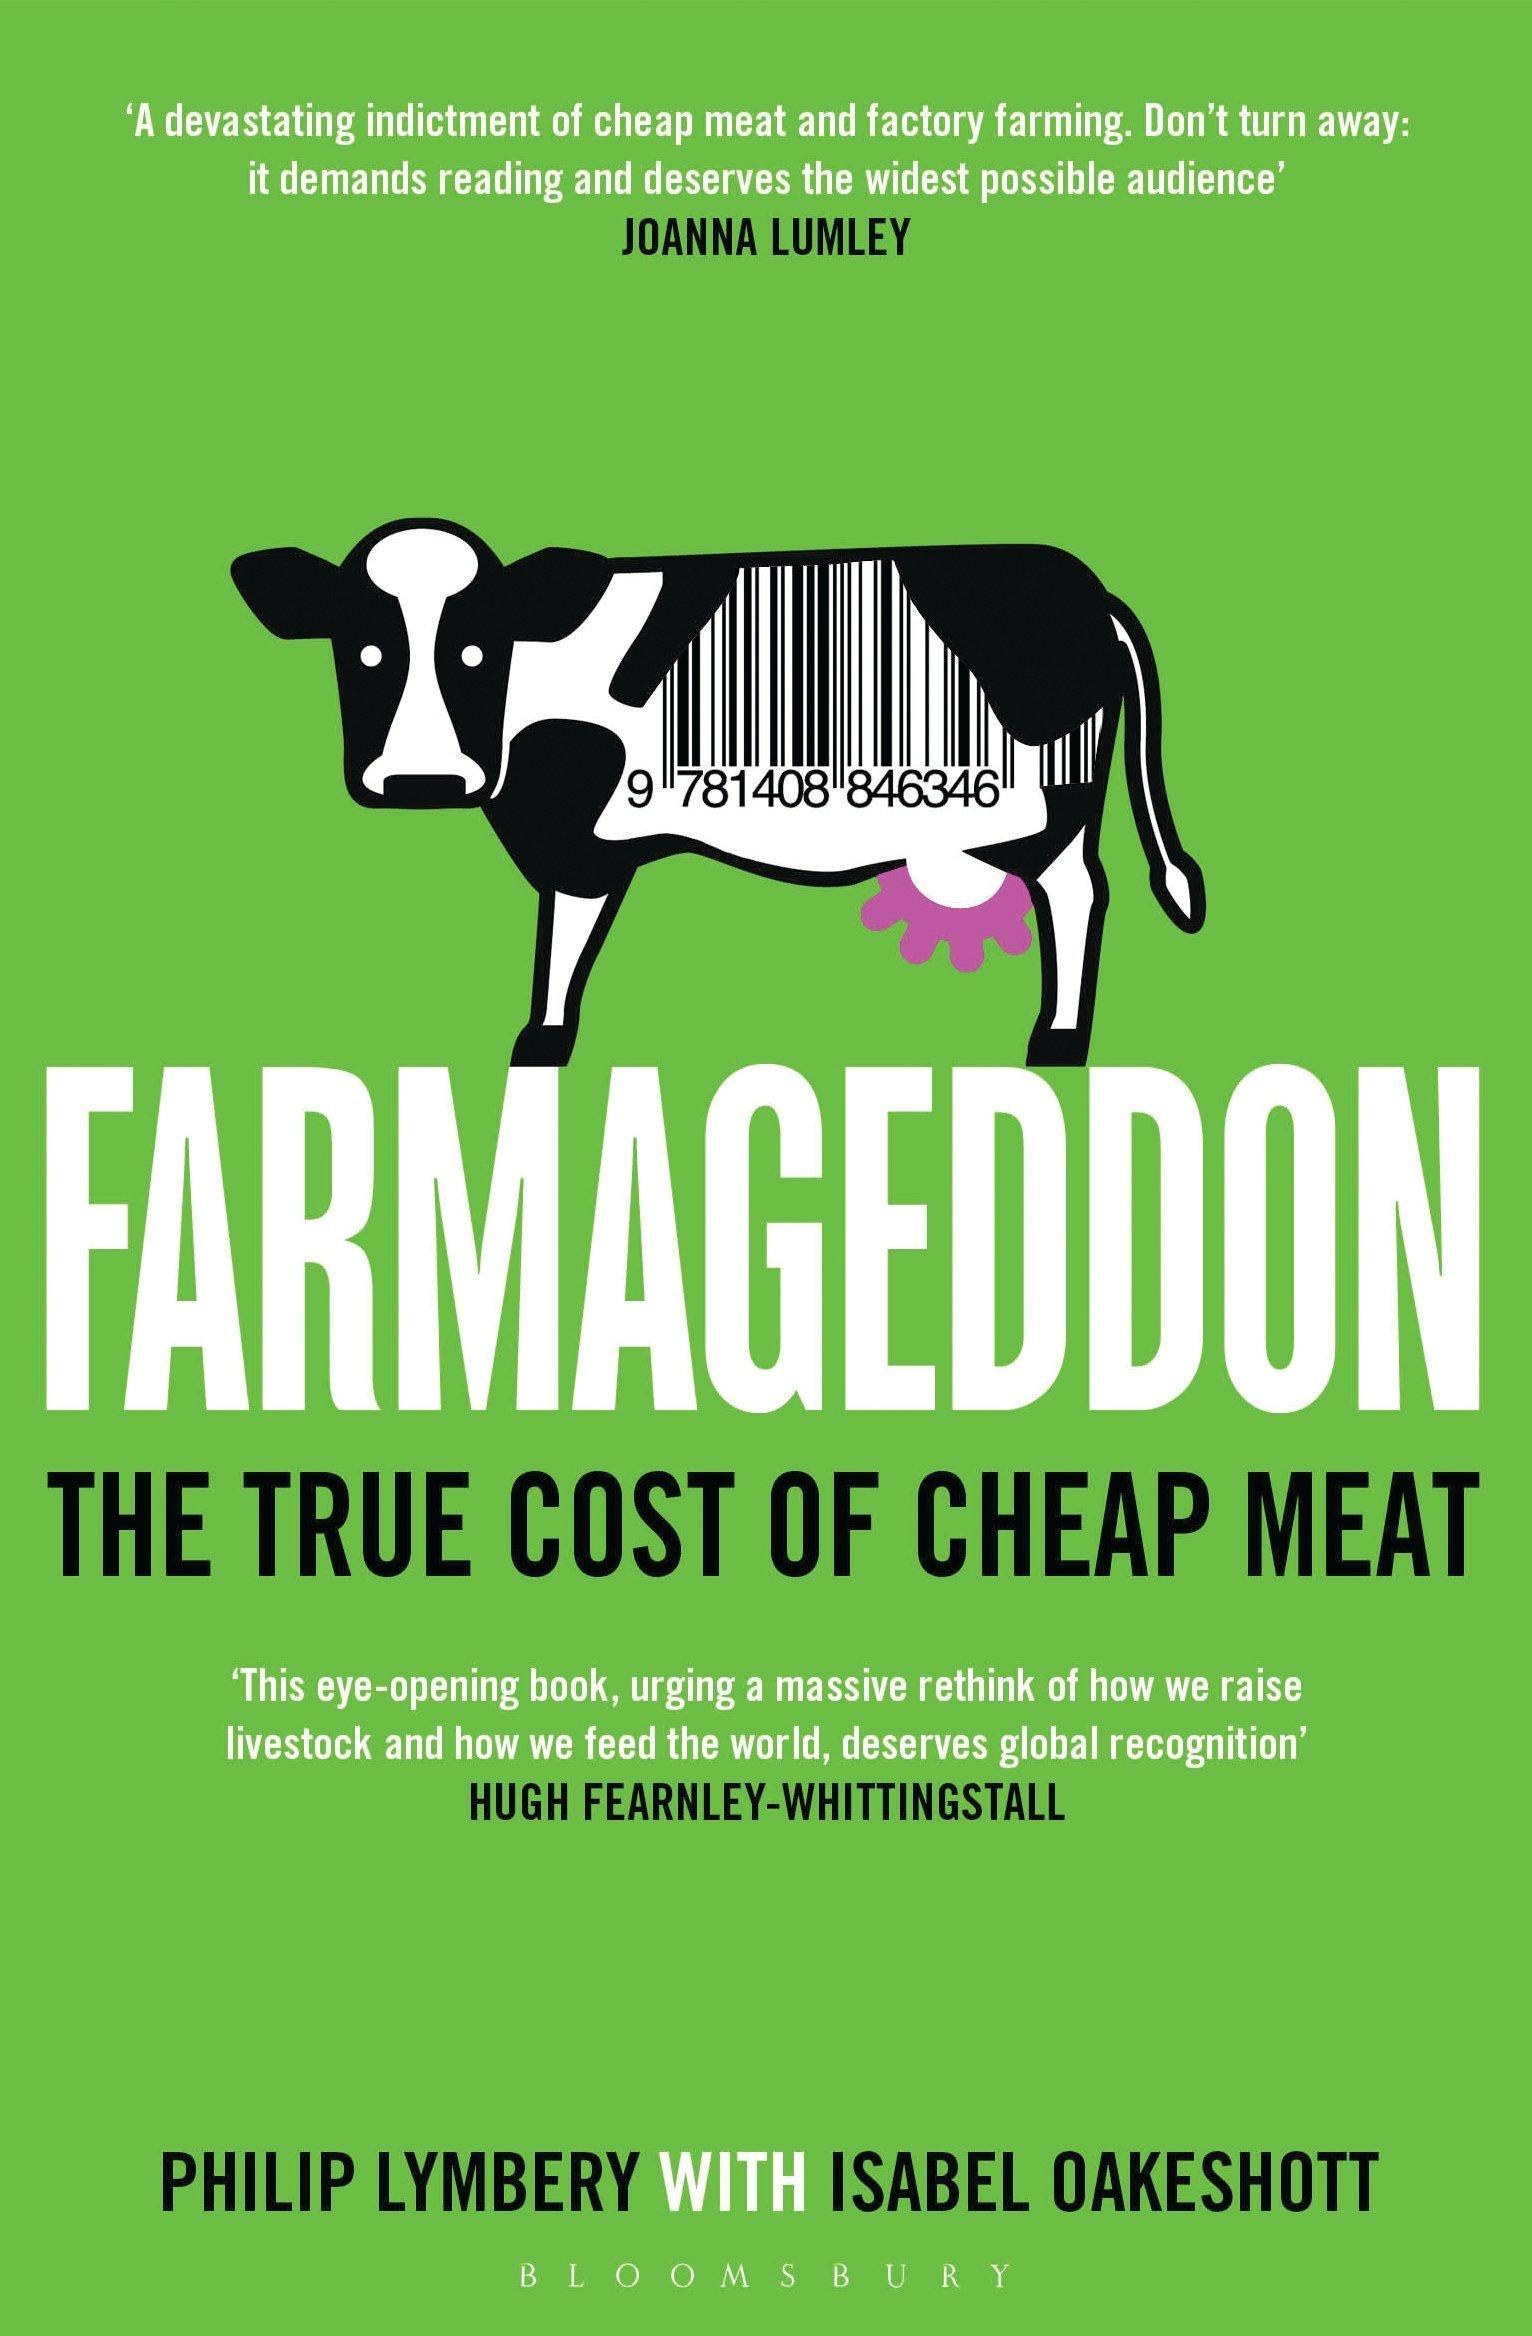 《壞農業: 廉價肉品背後的恐怖真相》